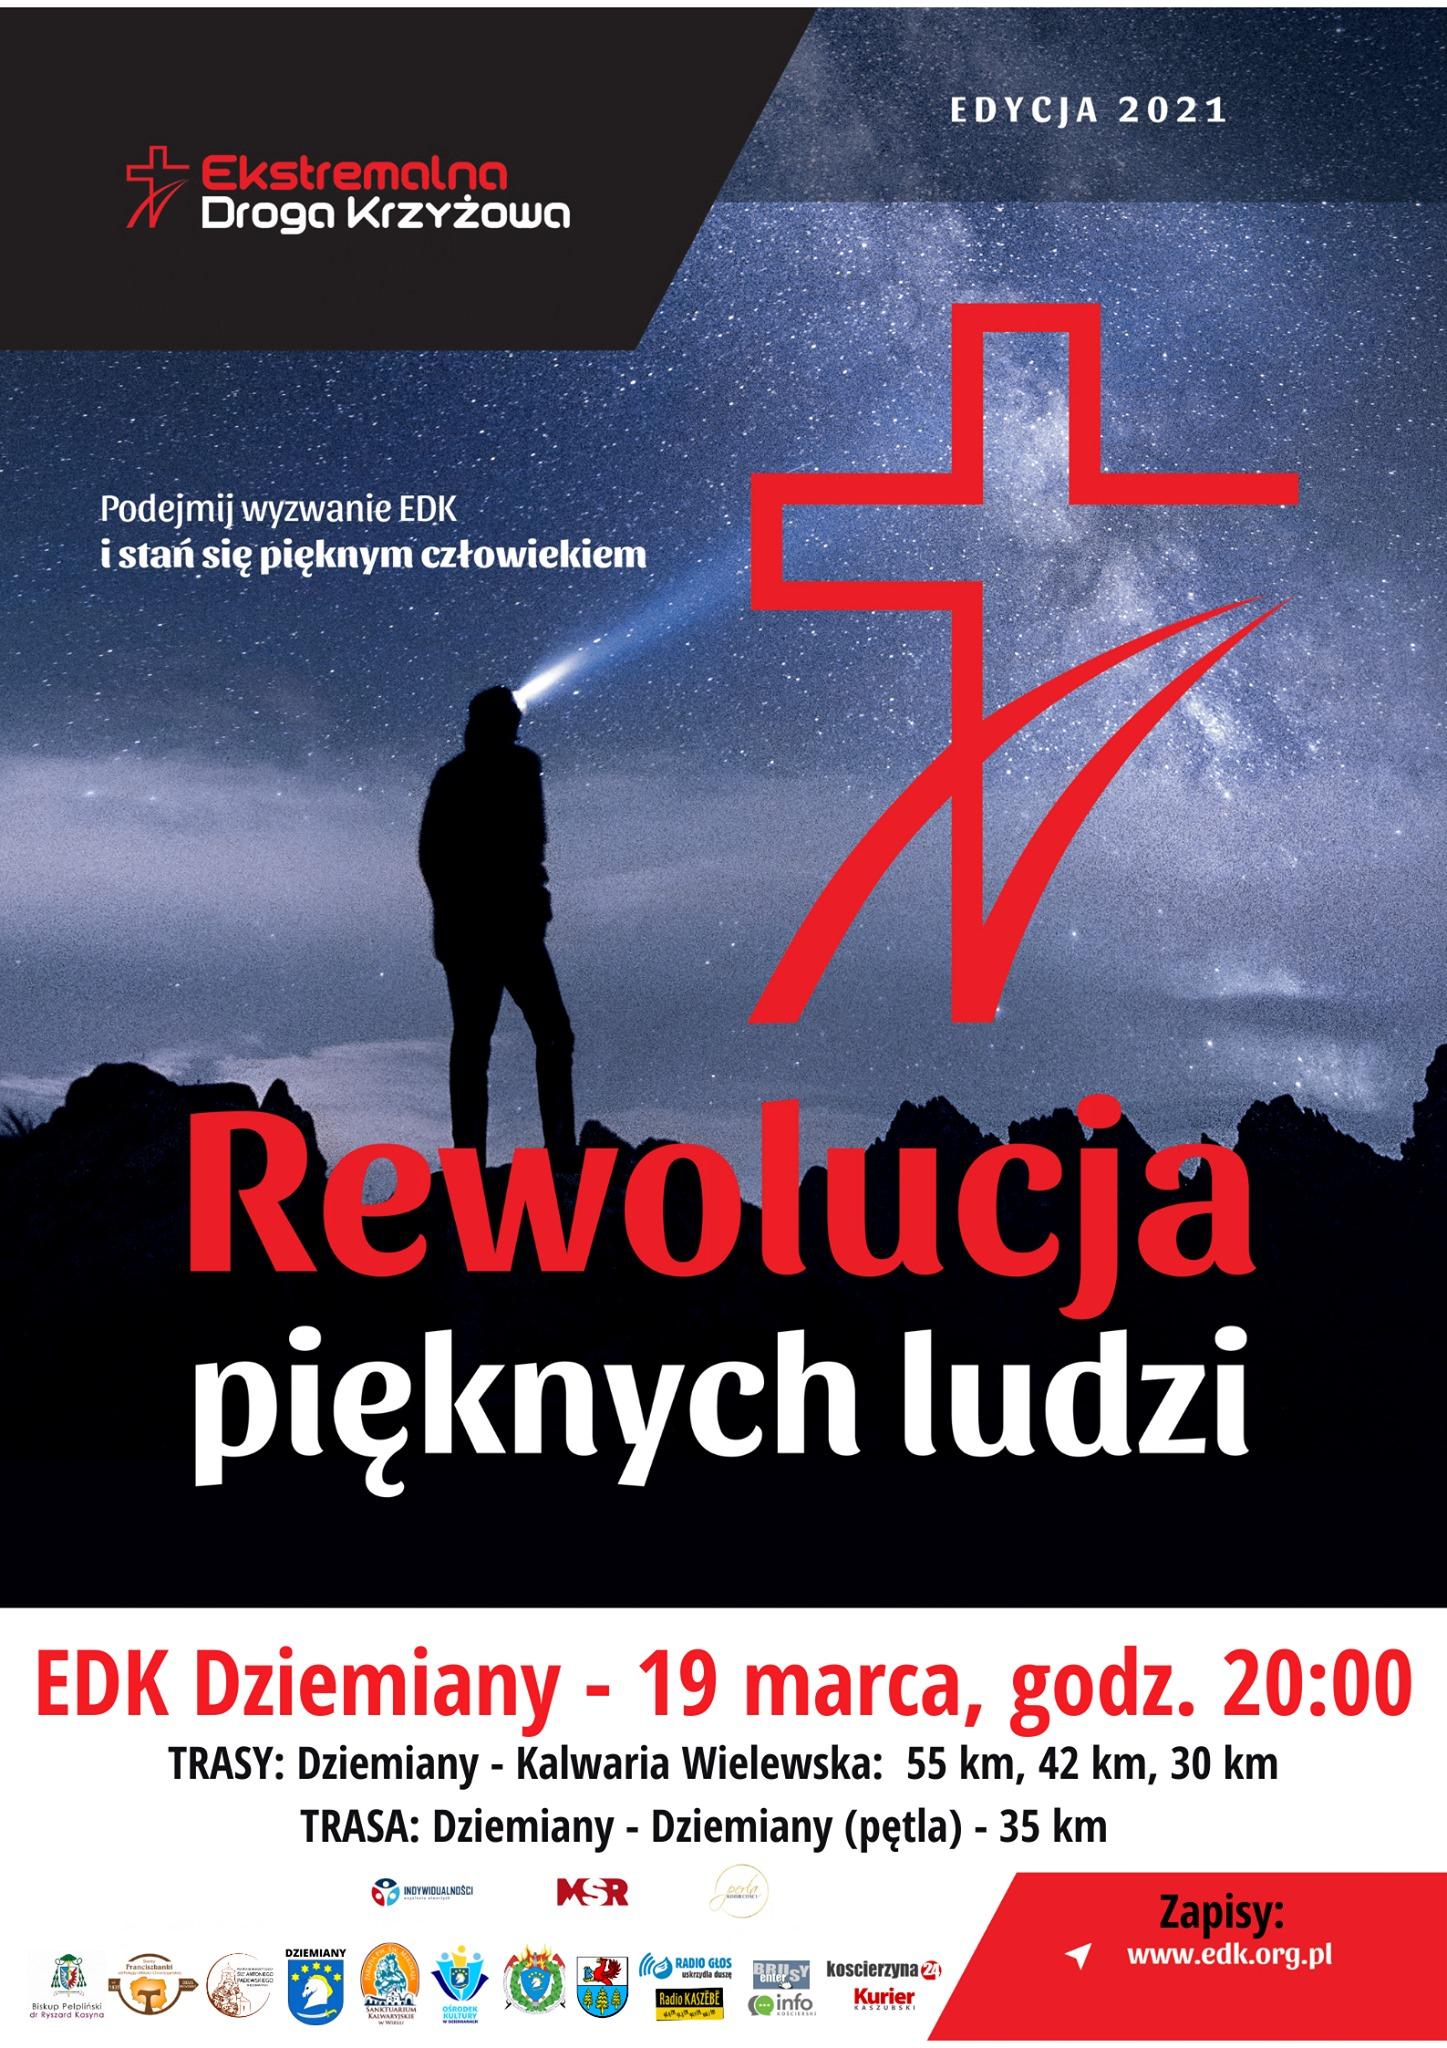 Plakat Ekstremalna Droga Krzyżowa -edycja 2021 19 marca 2021 roku start 20:00. Zapisy www.edk.org.pl